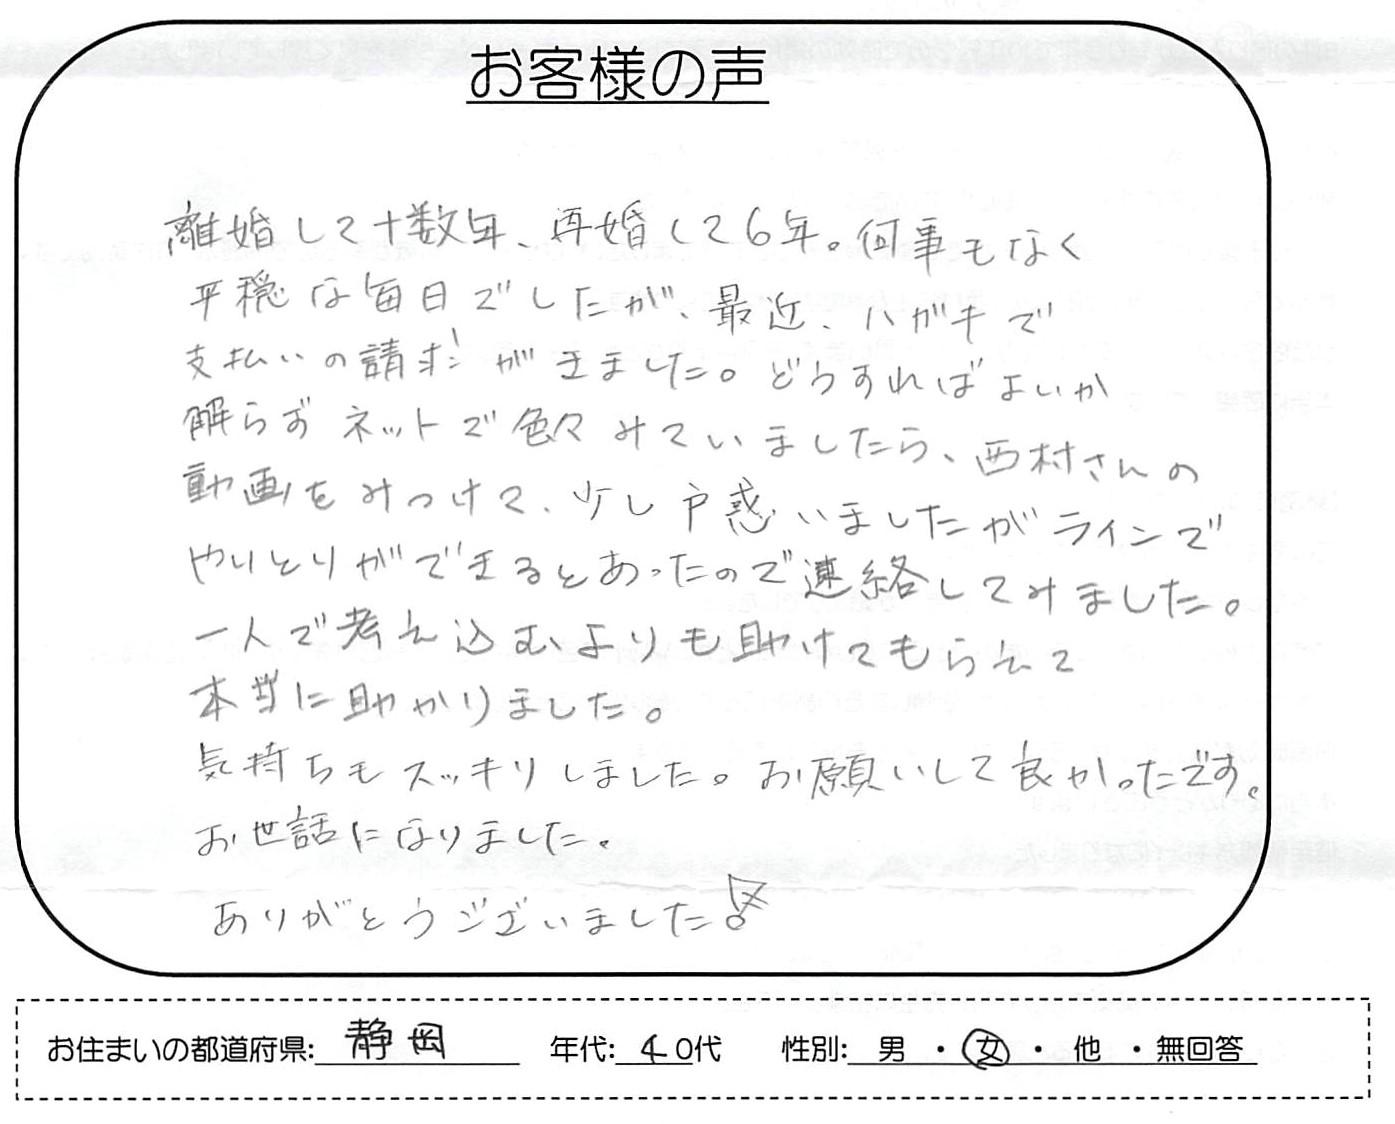 鈴木康之法律事務所への時効援用の口コミ・評判